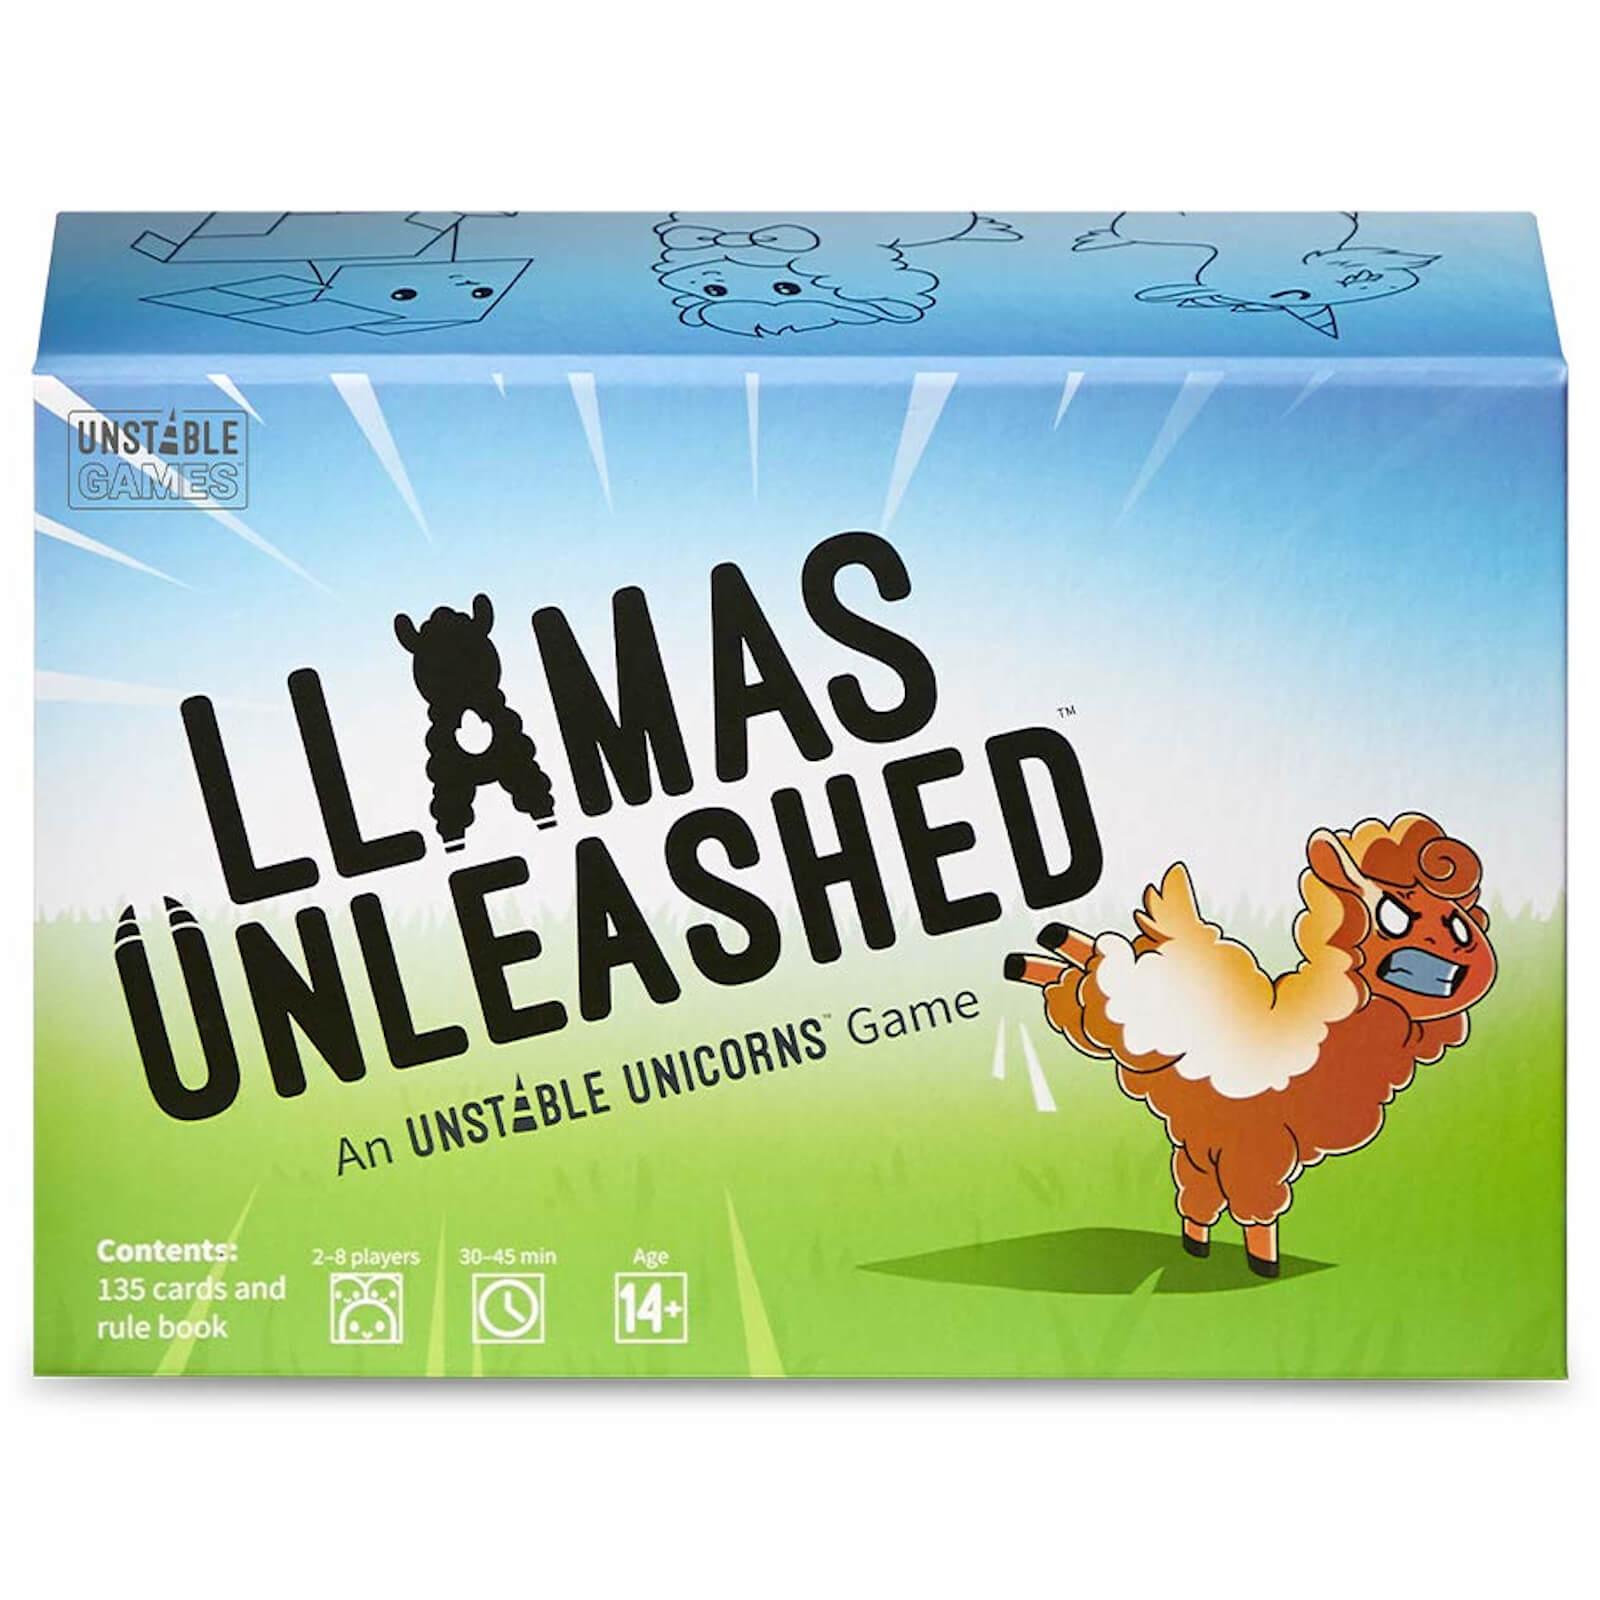 Image of Llamas Unleashed Card Game